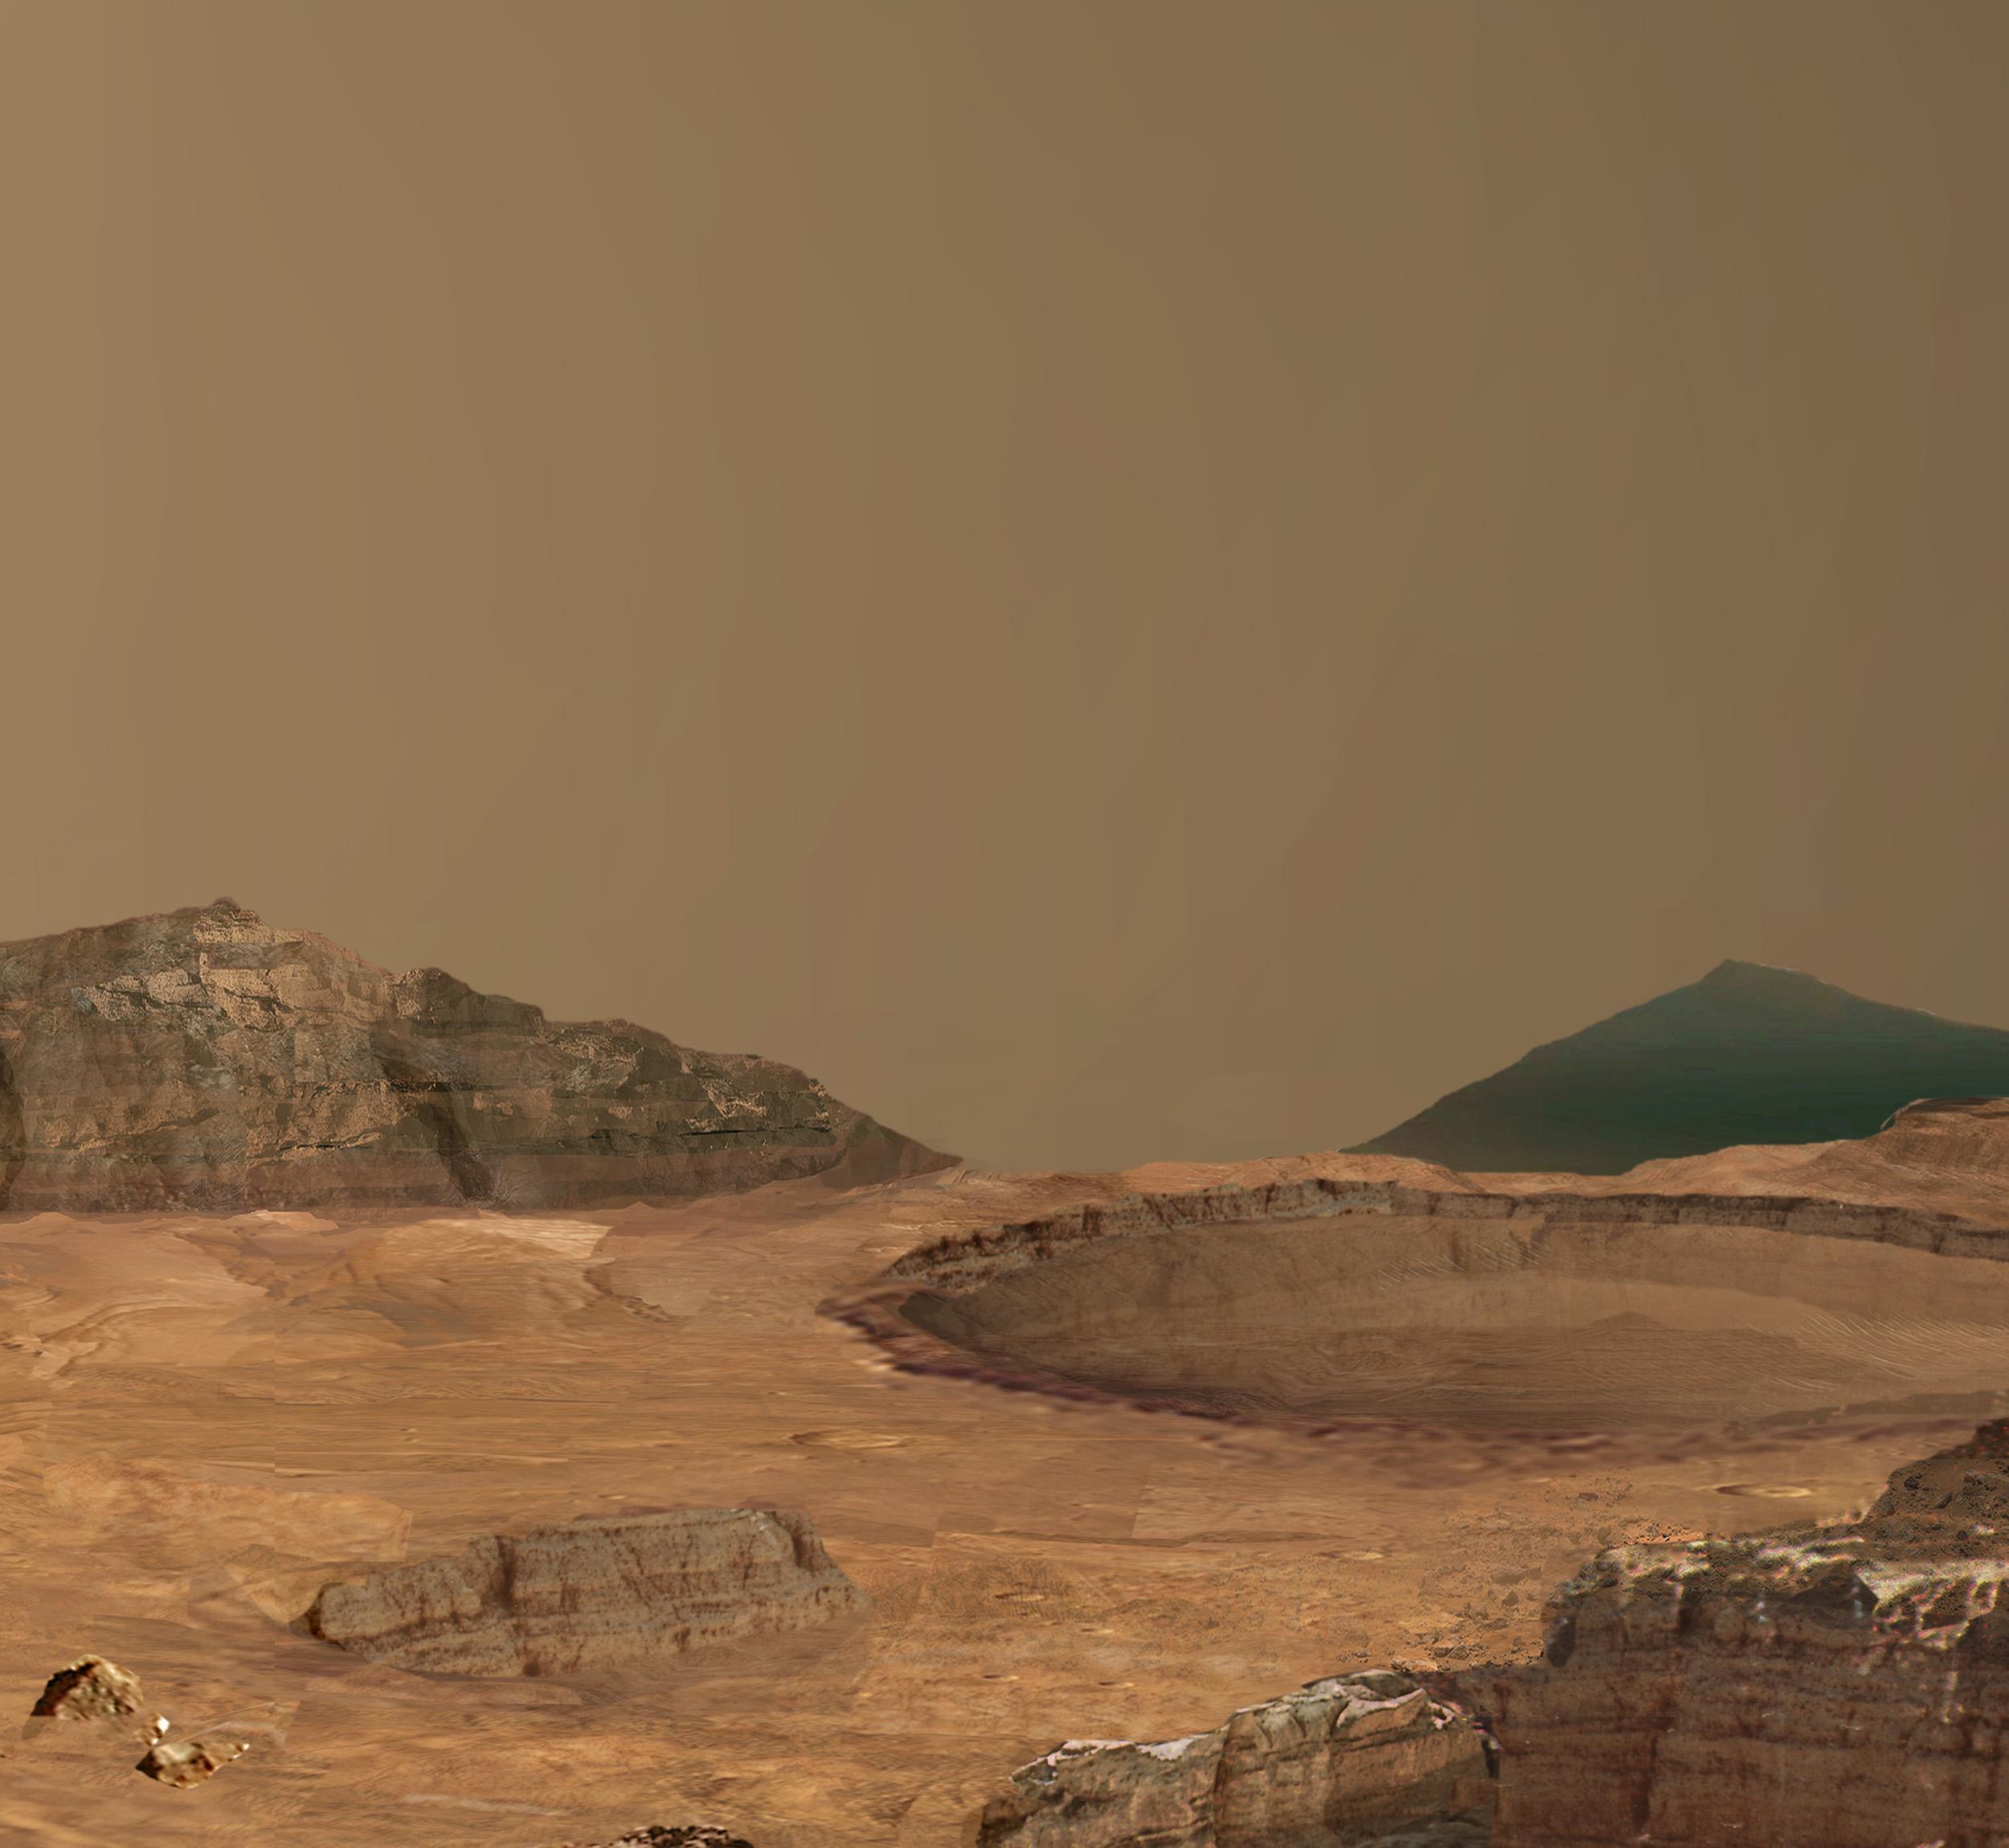 Goals - Mars 2020 Rover